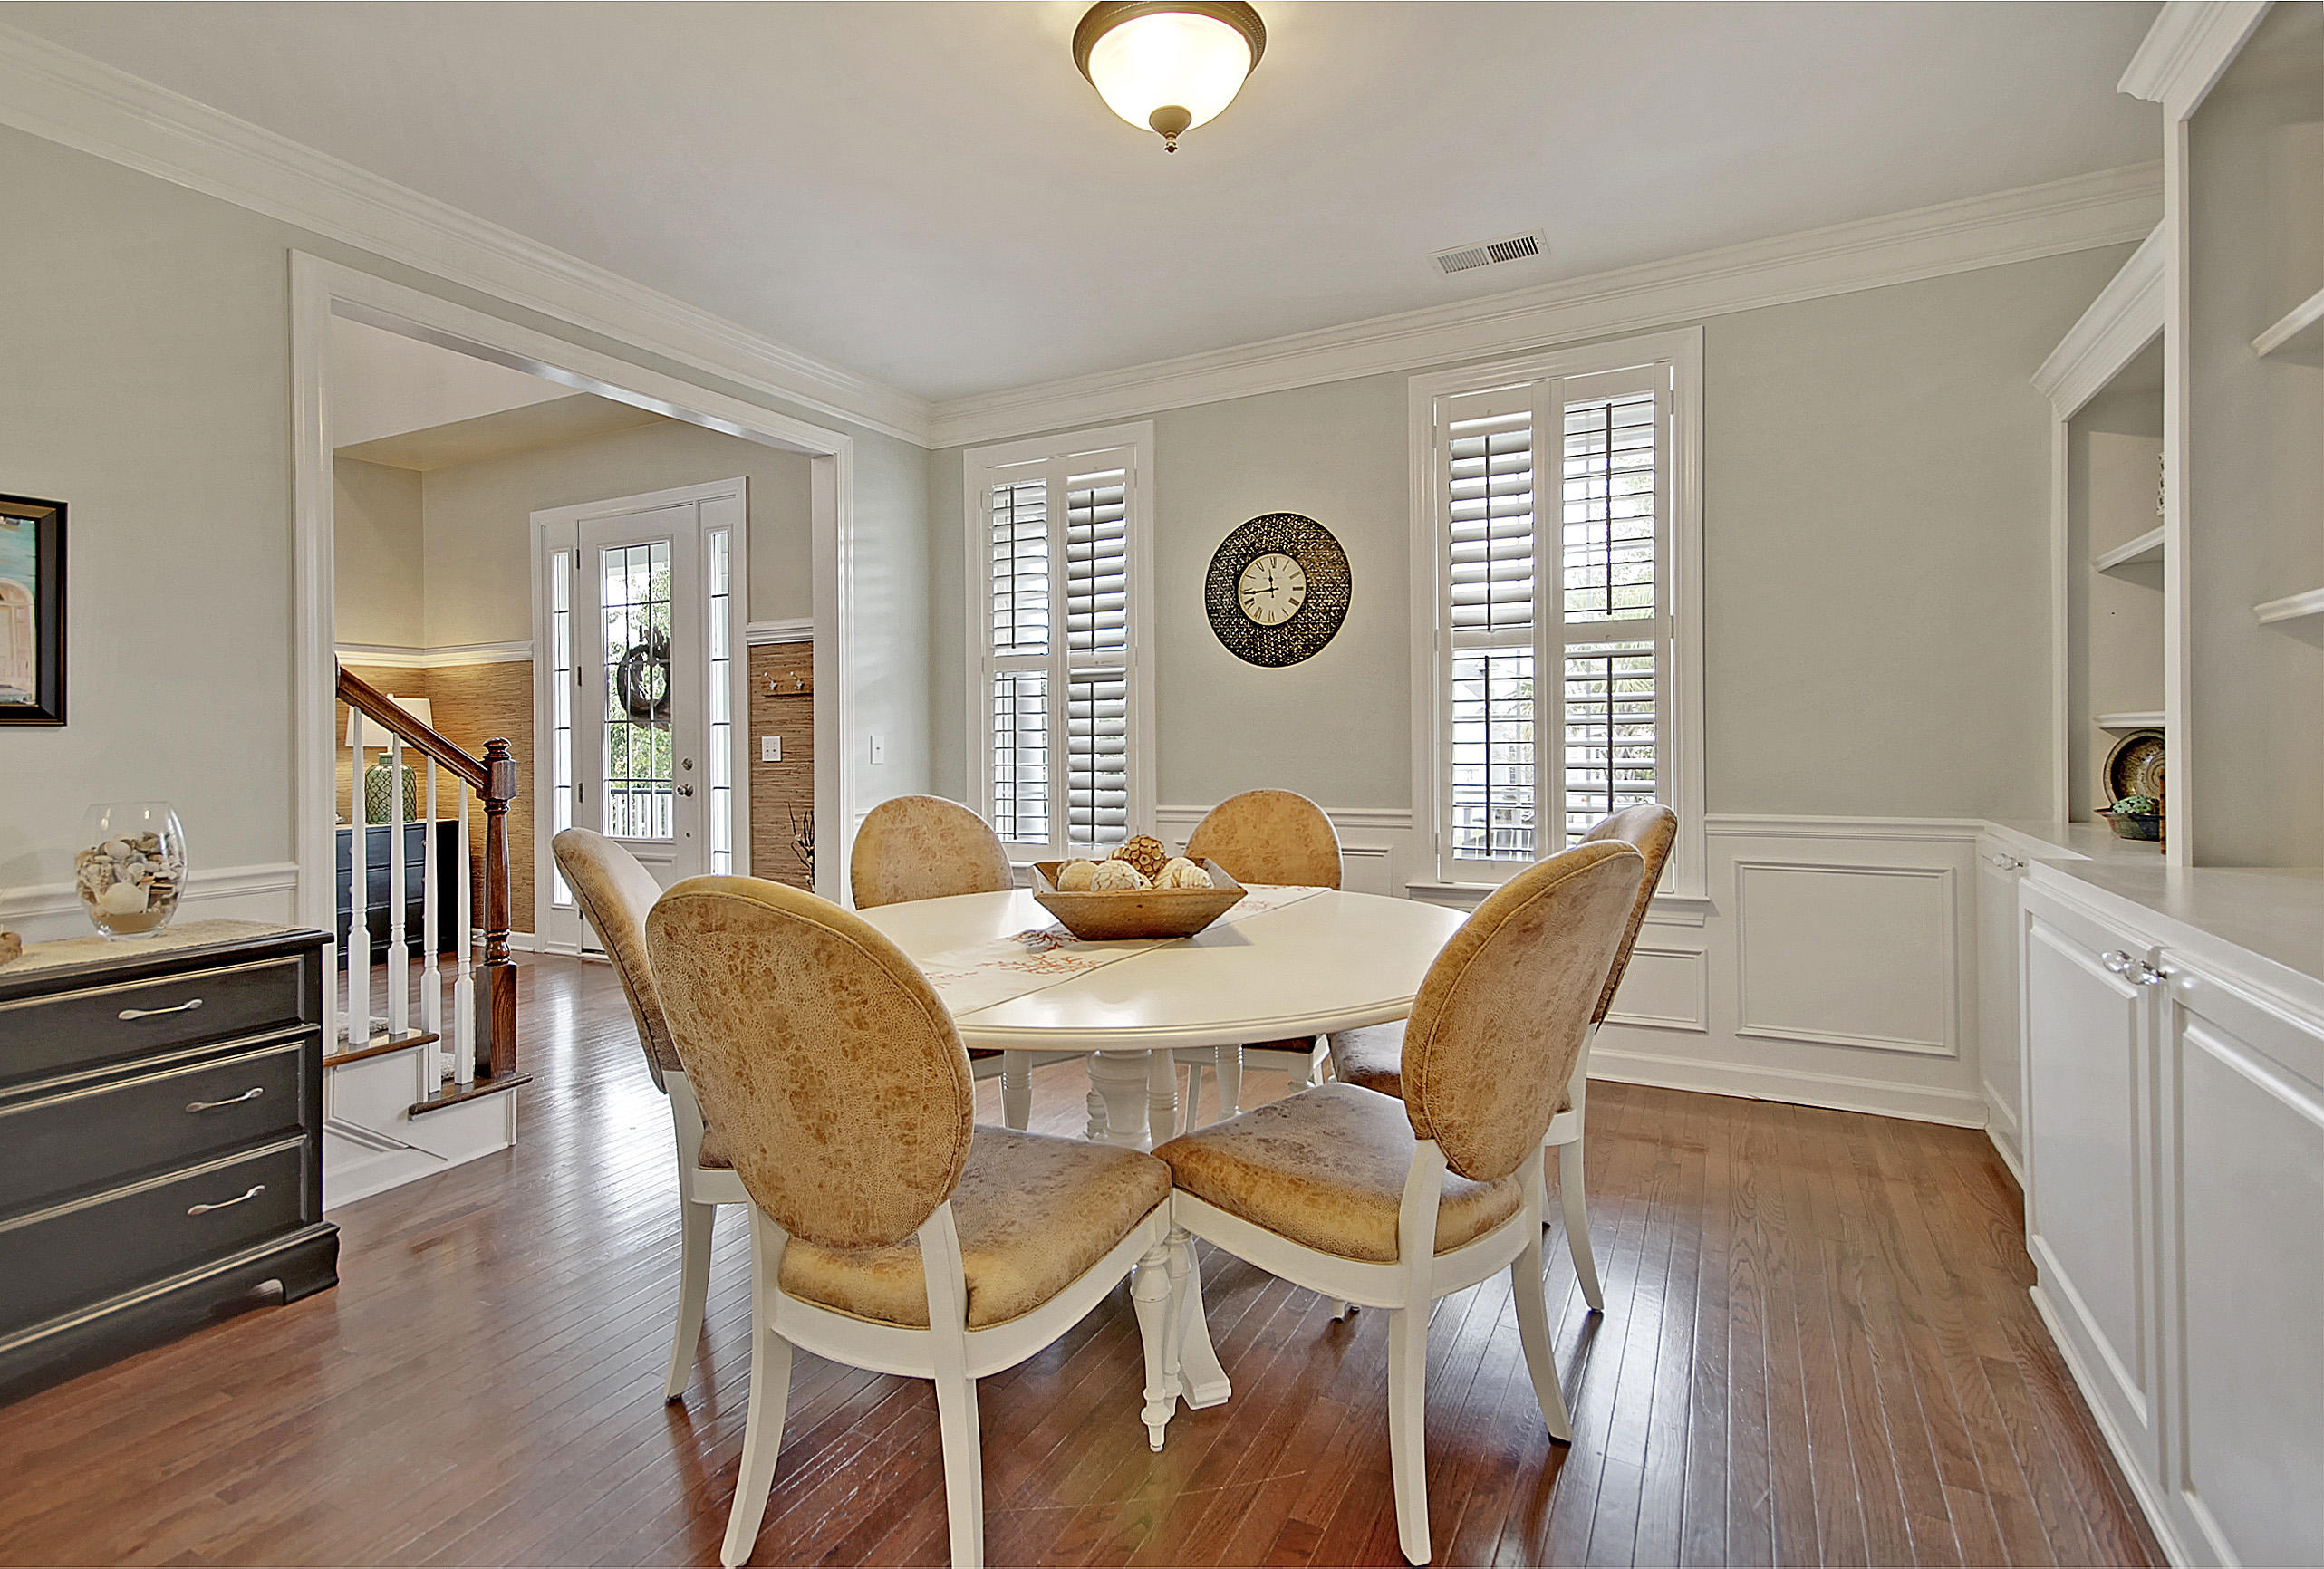 Dunes West Homes For Sale - 3056 Riverwood, Mount Pleasant, SC - 9